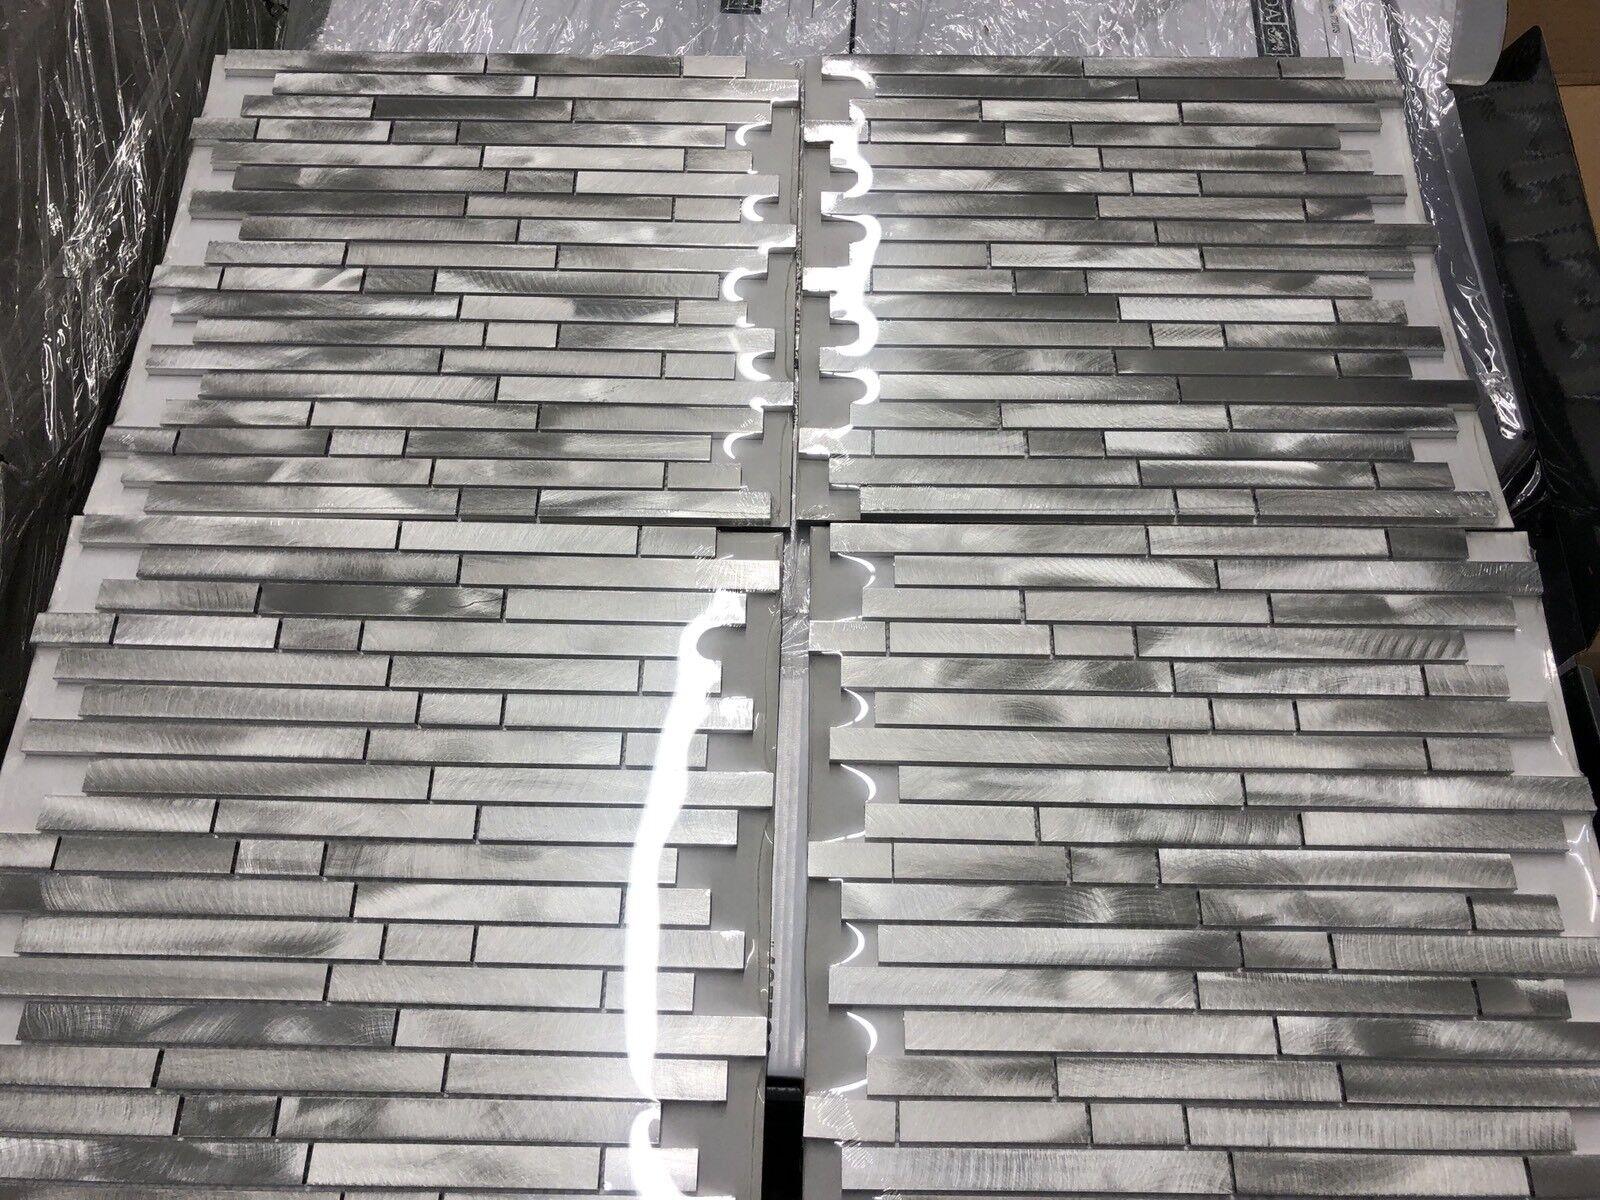 - Elida Ceramica Linear Mosaic Porcelain Wall Backsplash Tile 526266